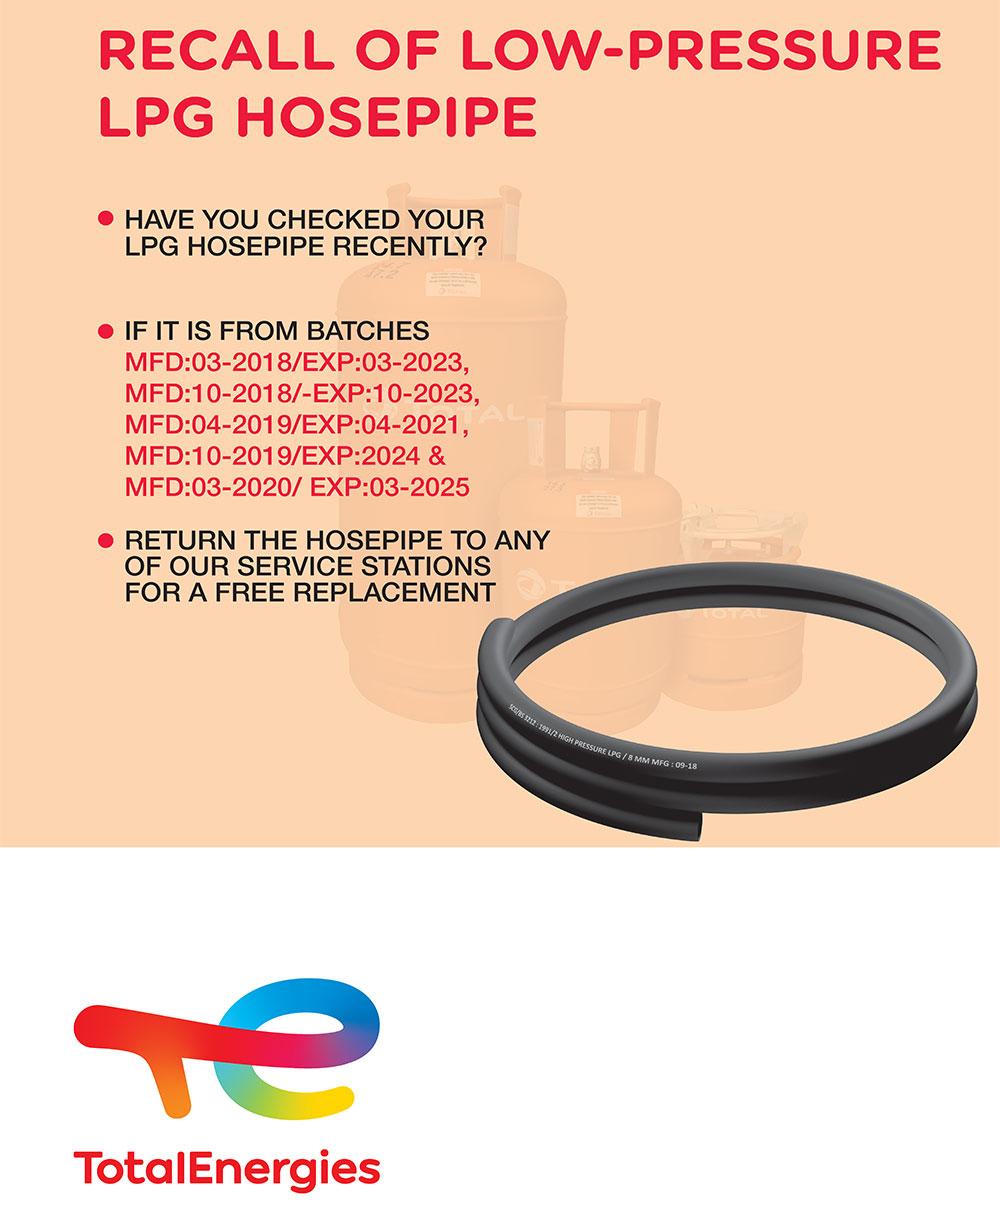 totalenergies-lpg-gas-recall-.jpg